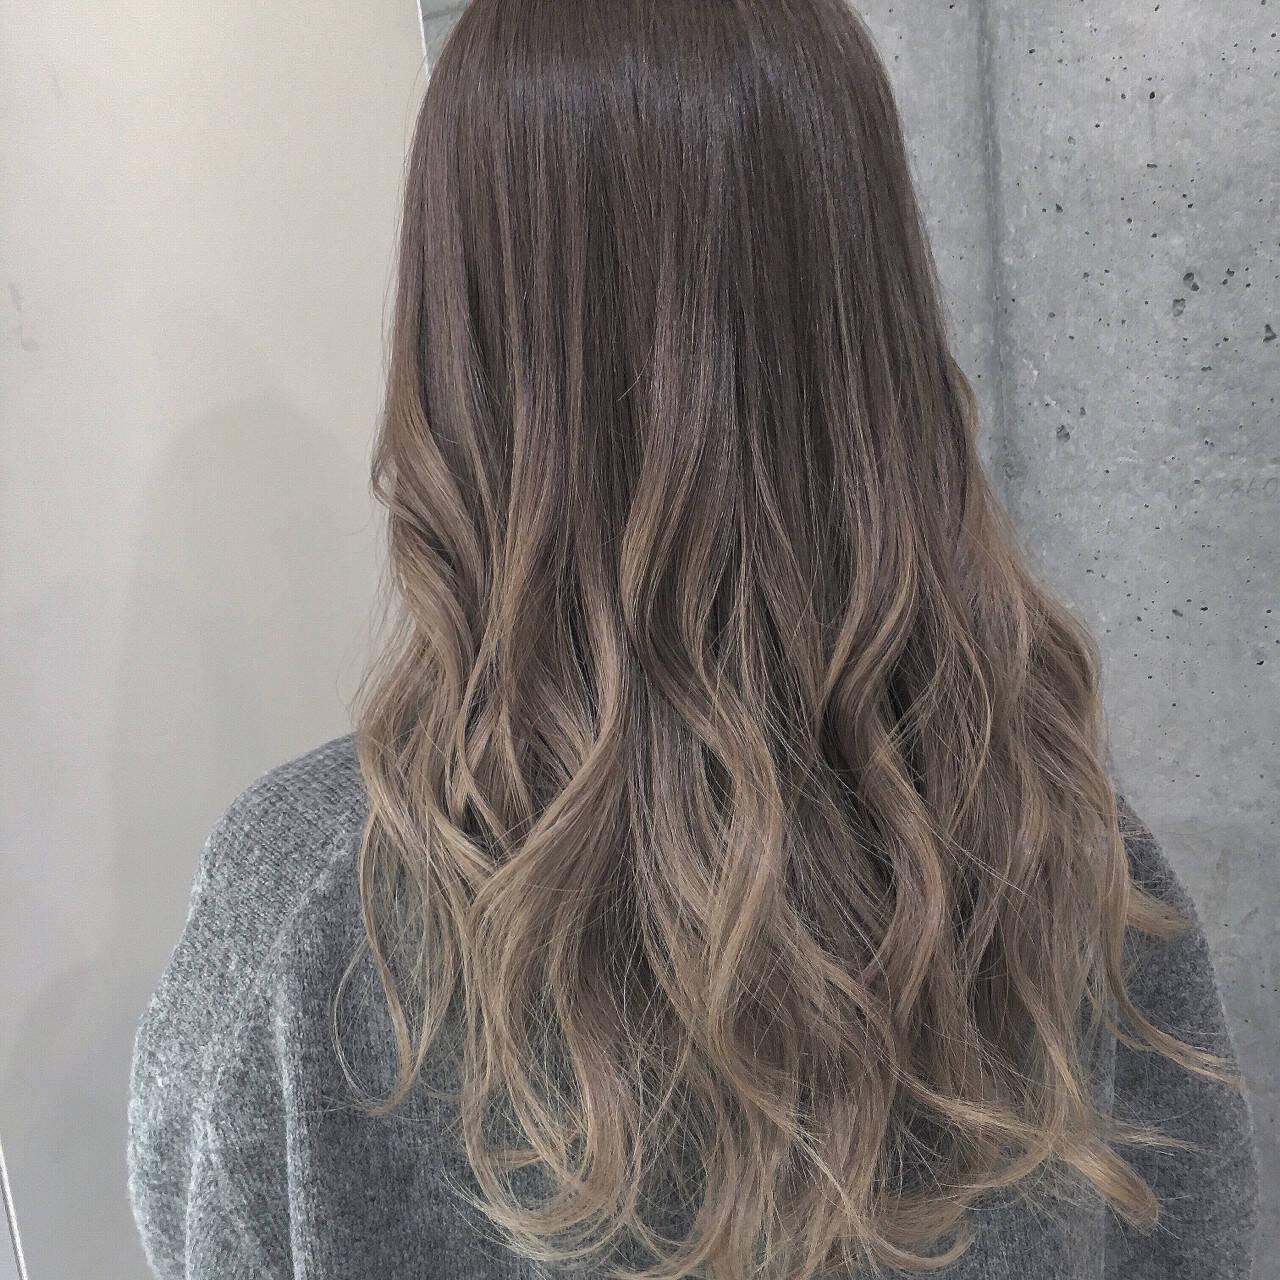 ロング 外国人風 グラデーションカラー ミルクティーヘアスタイルや髪型の写真・画像